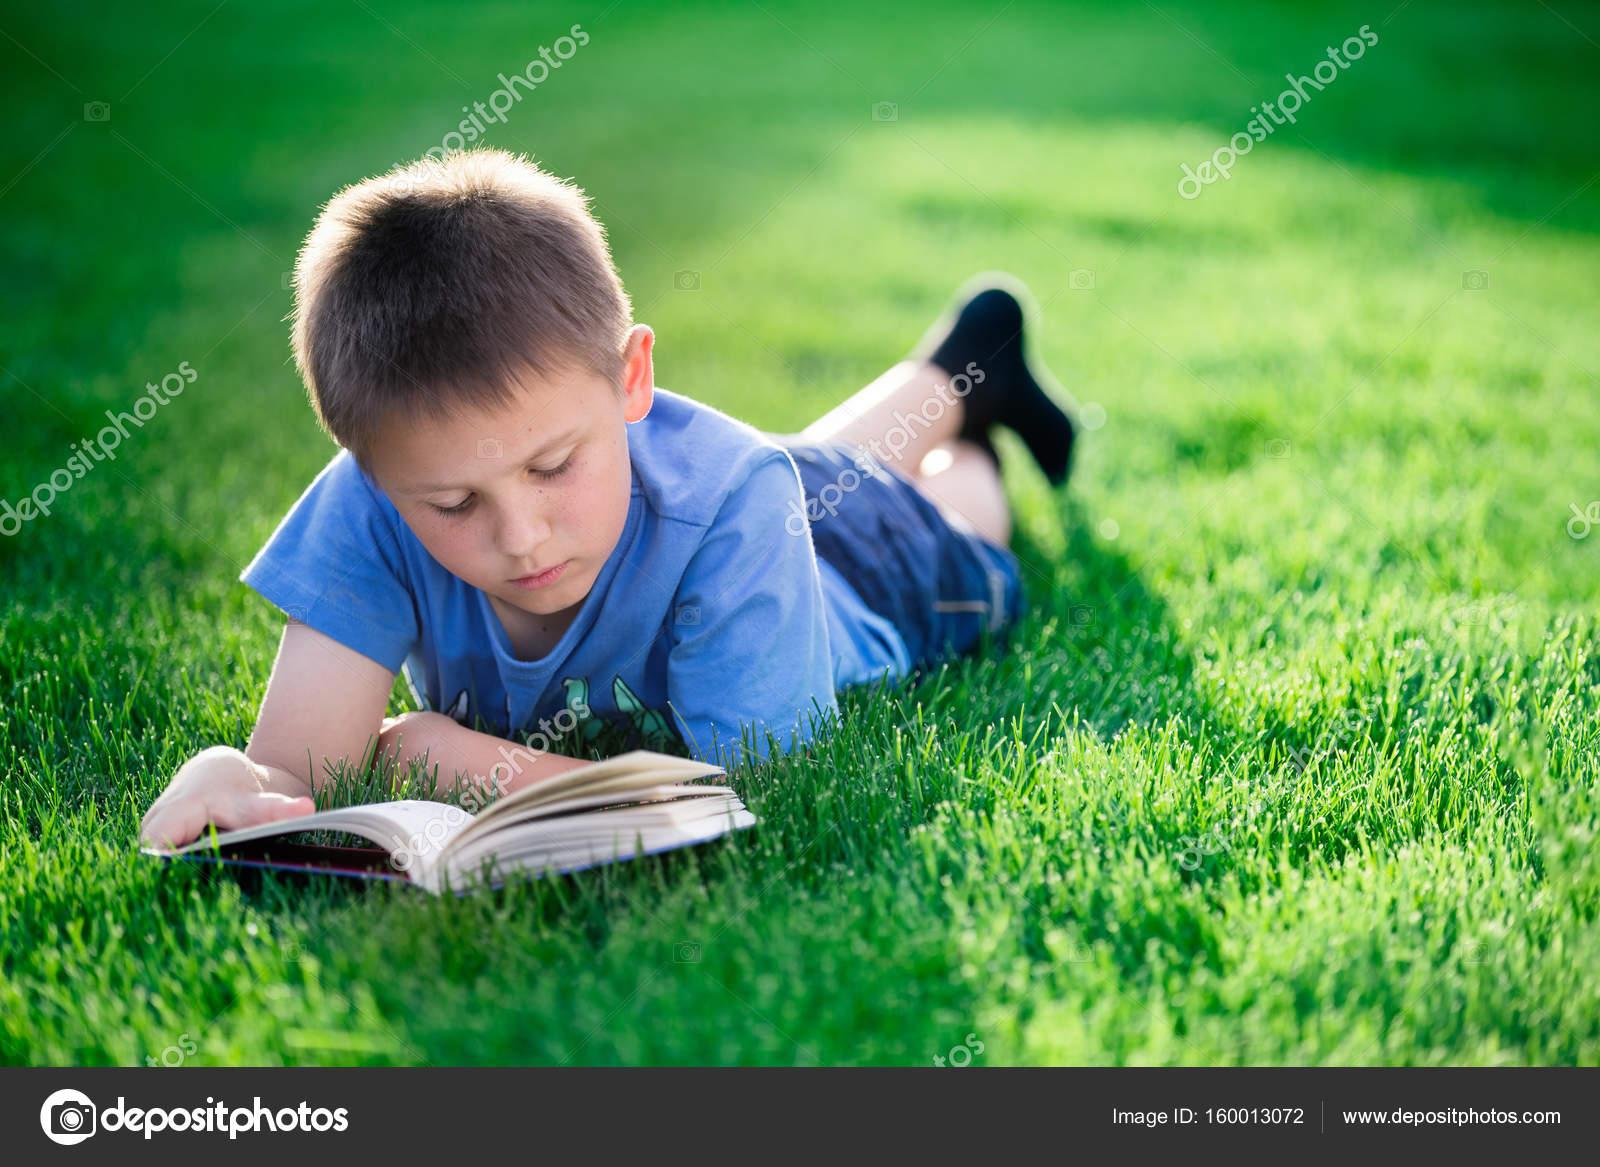 Junge Buch zu lesen, liegend auf dem grünen Rasen — Stockfoto ...